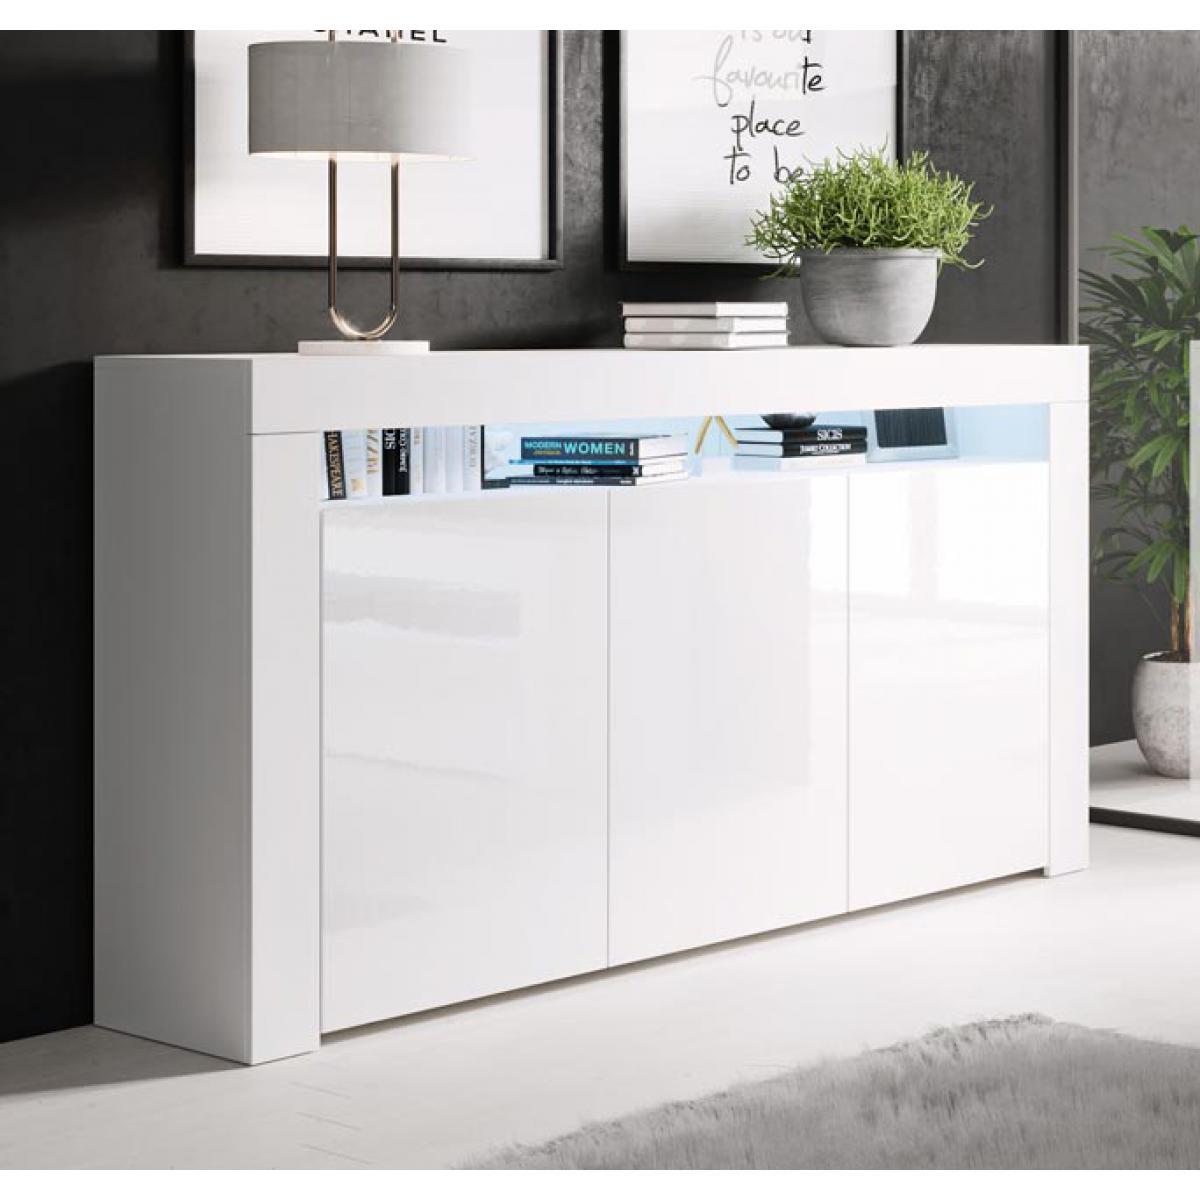 Design Ameublement Bahut modèle Aker couleur blanc